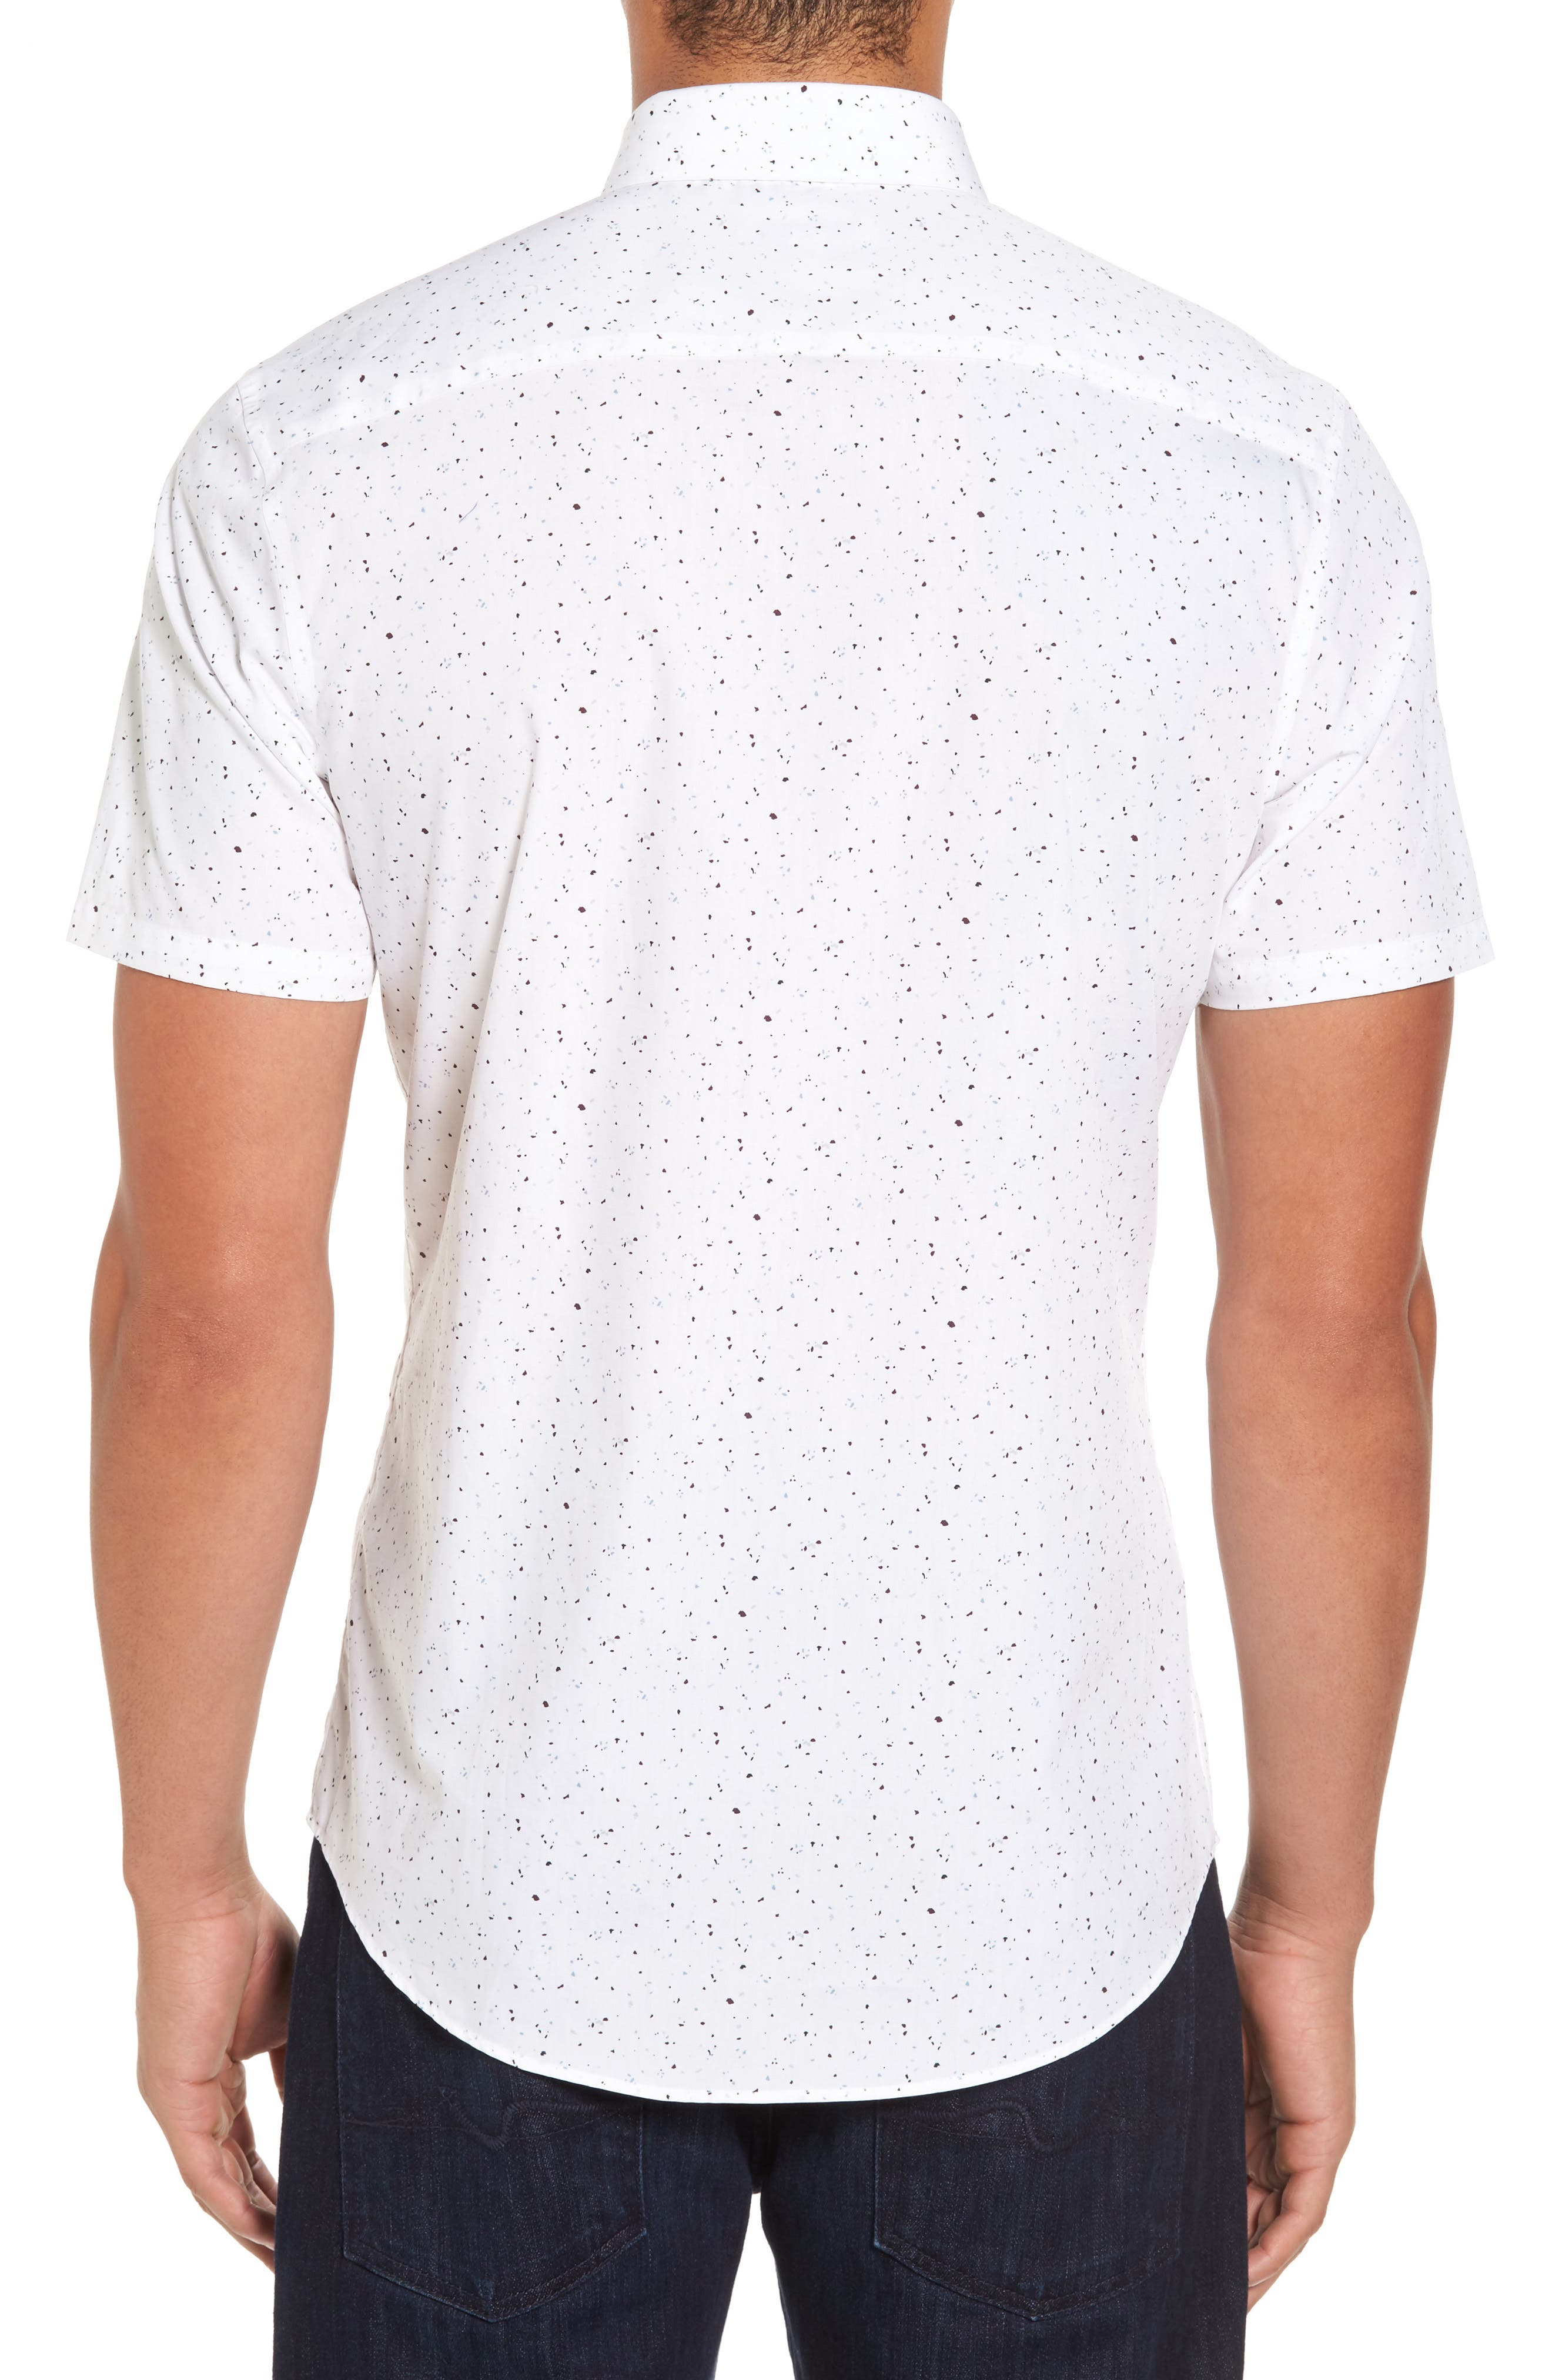 Speckle Print Sport Shirt,                             Alternate thumbnail 2, color,                             100